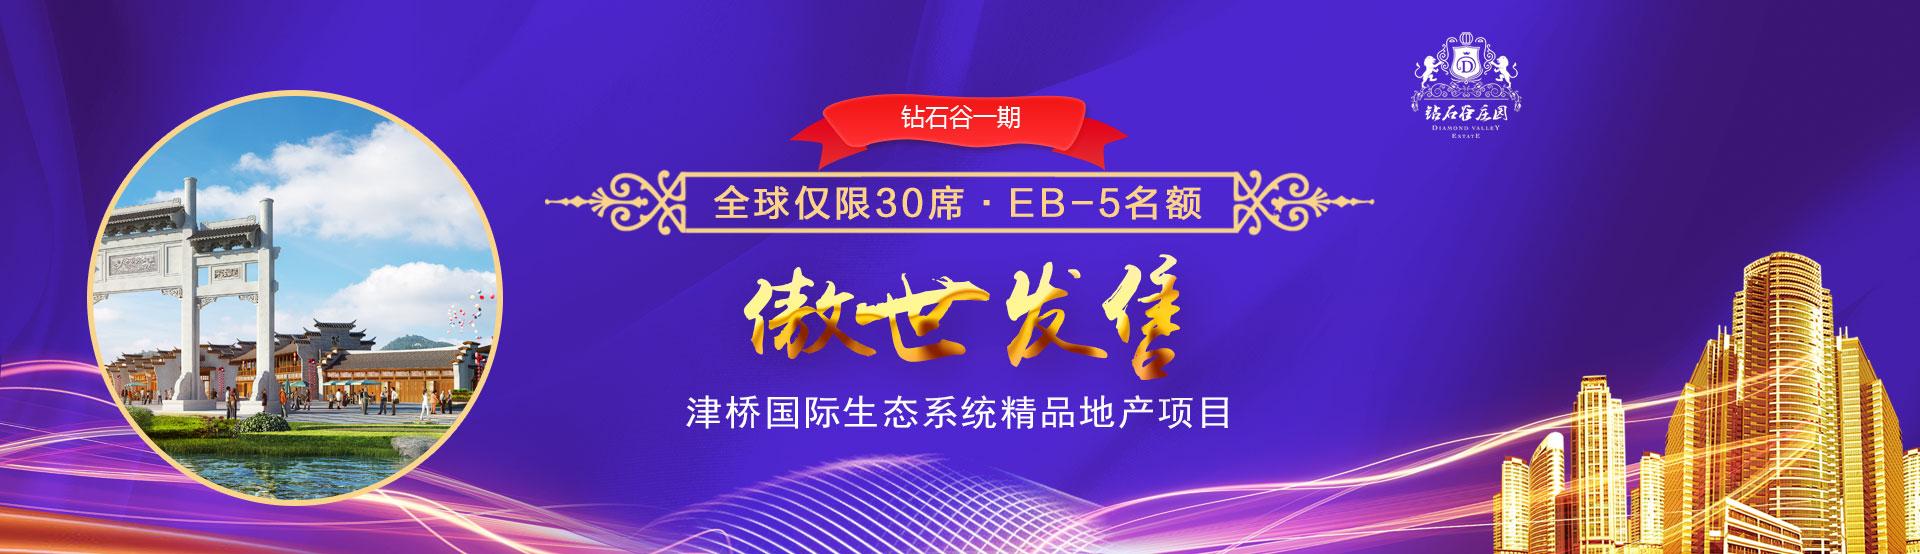 钻石谷EB-5项目